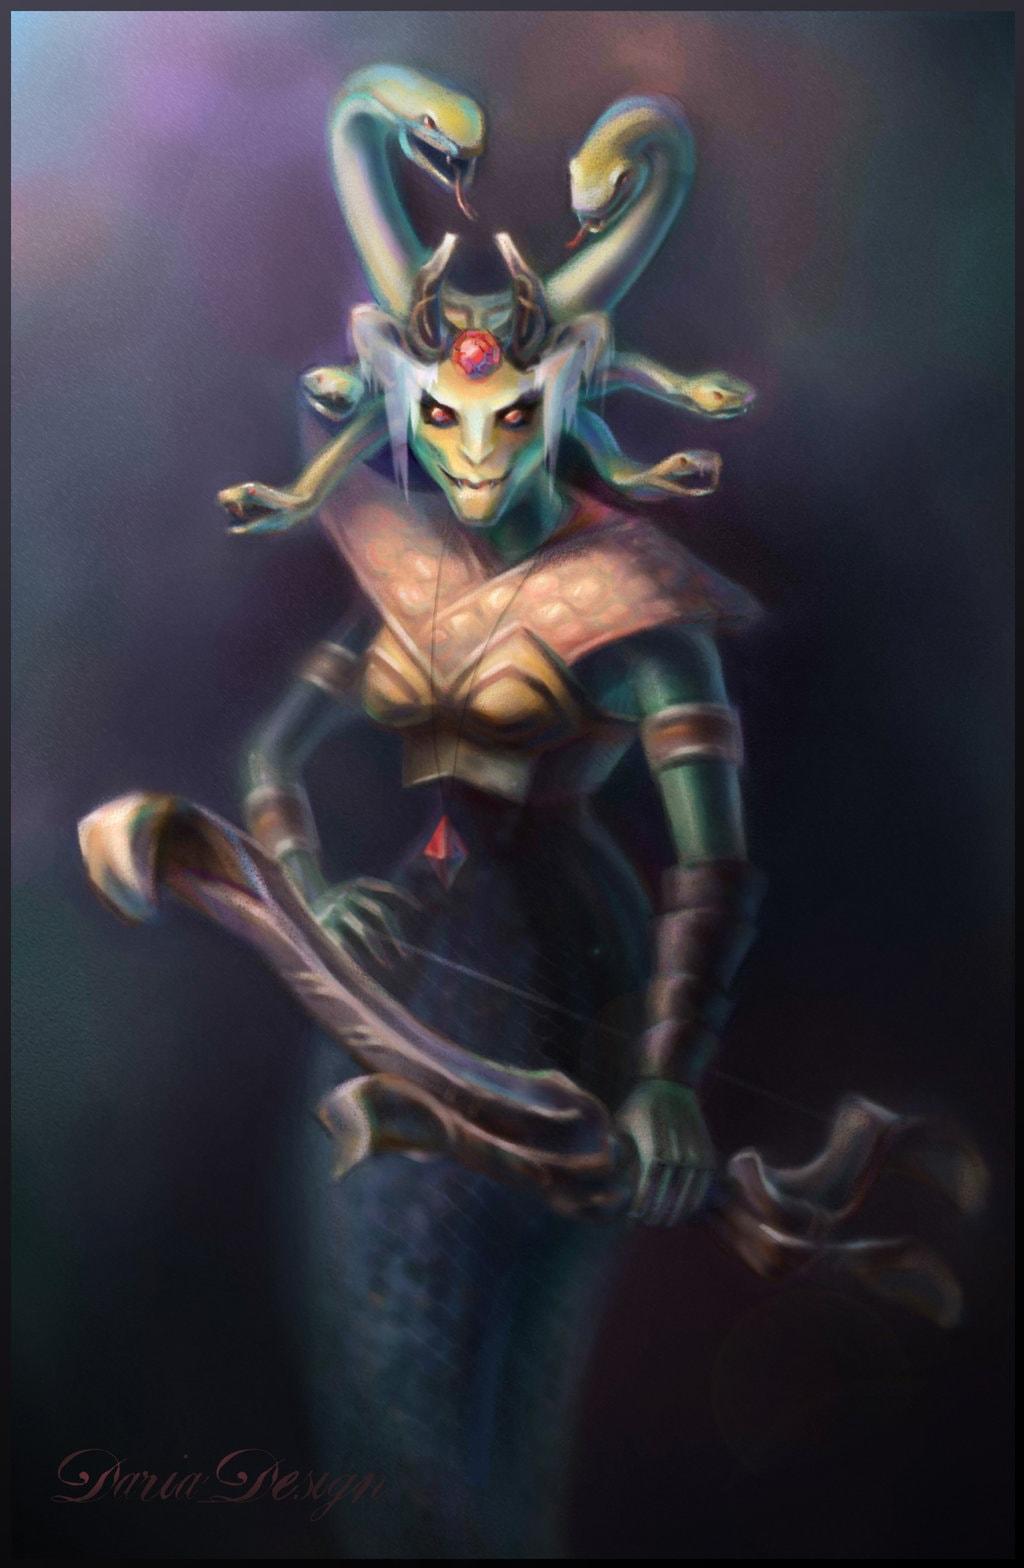 Dota2 : Medusa for mobile